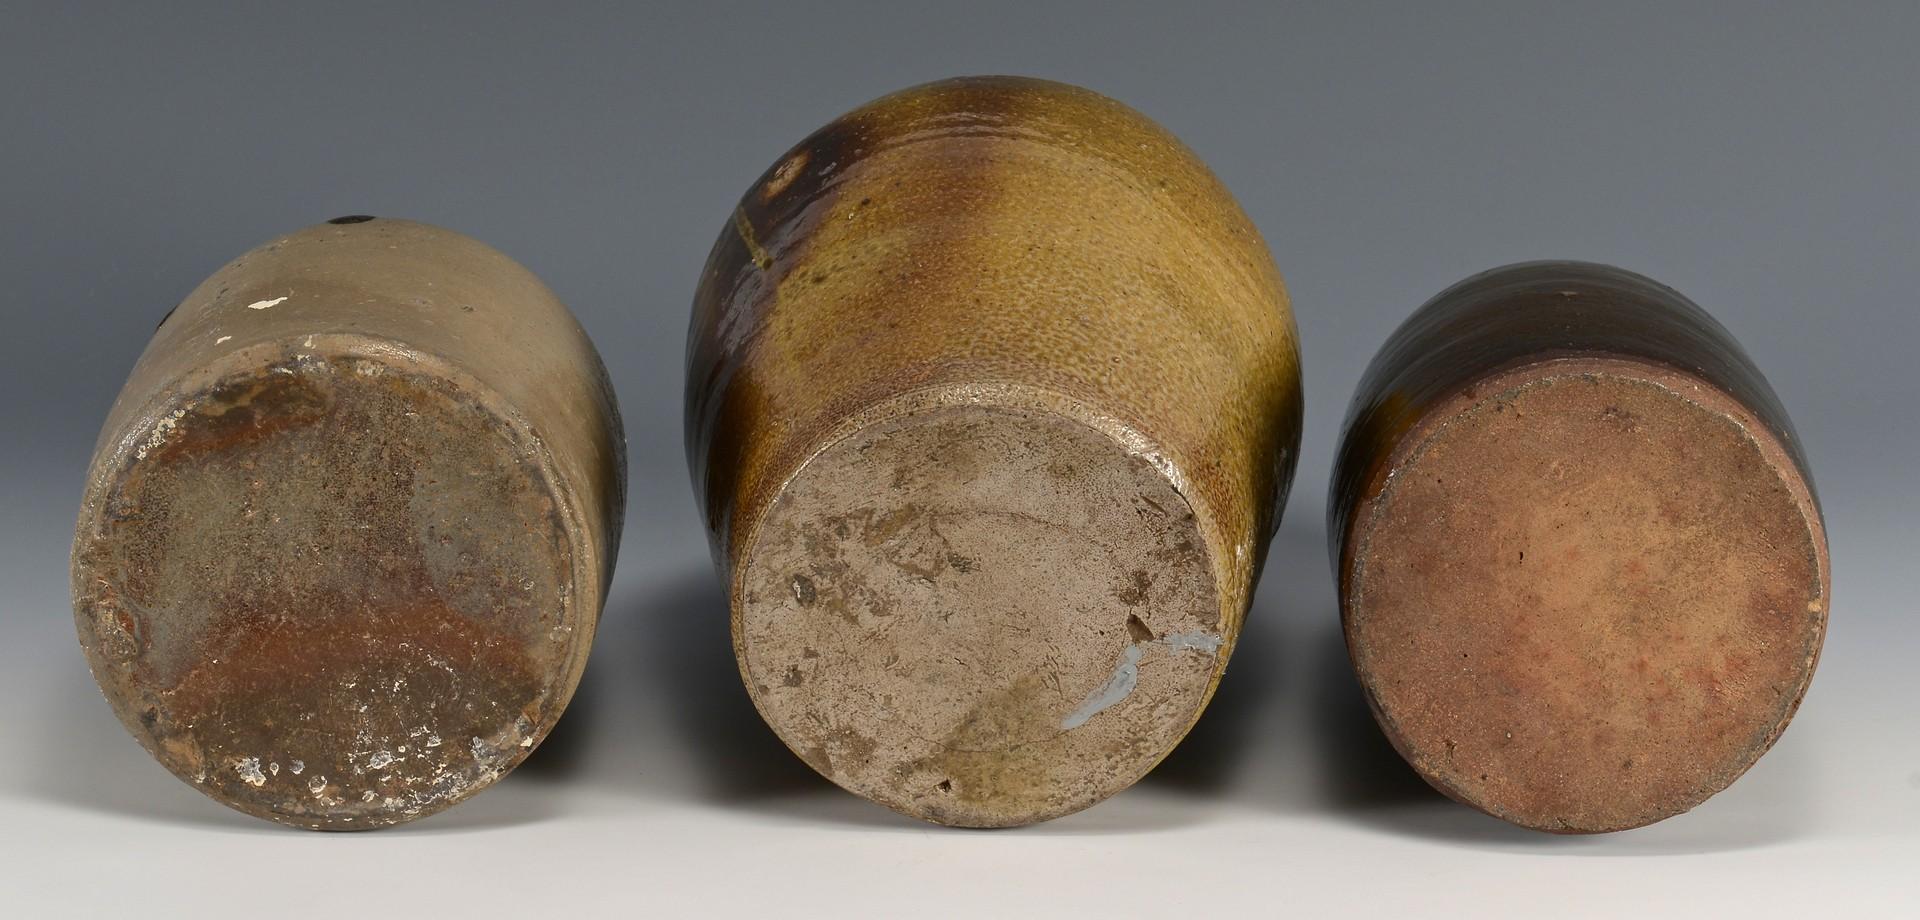 Lot 3832457: 3 Southern Pottery Forms, Salt Glaze